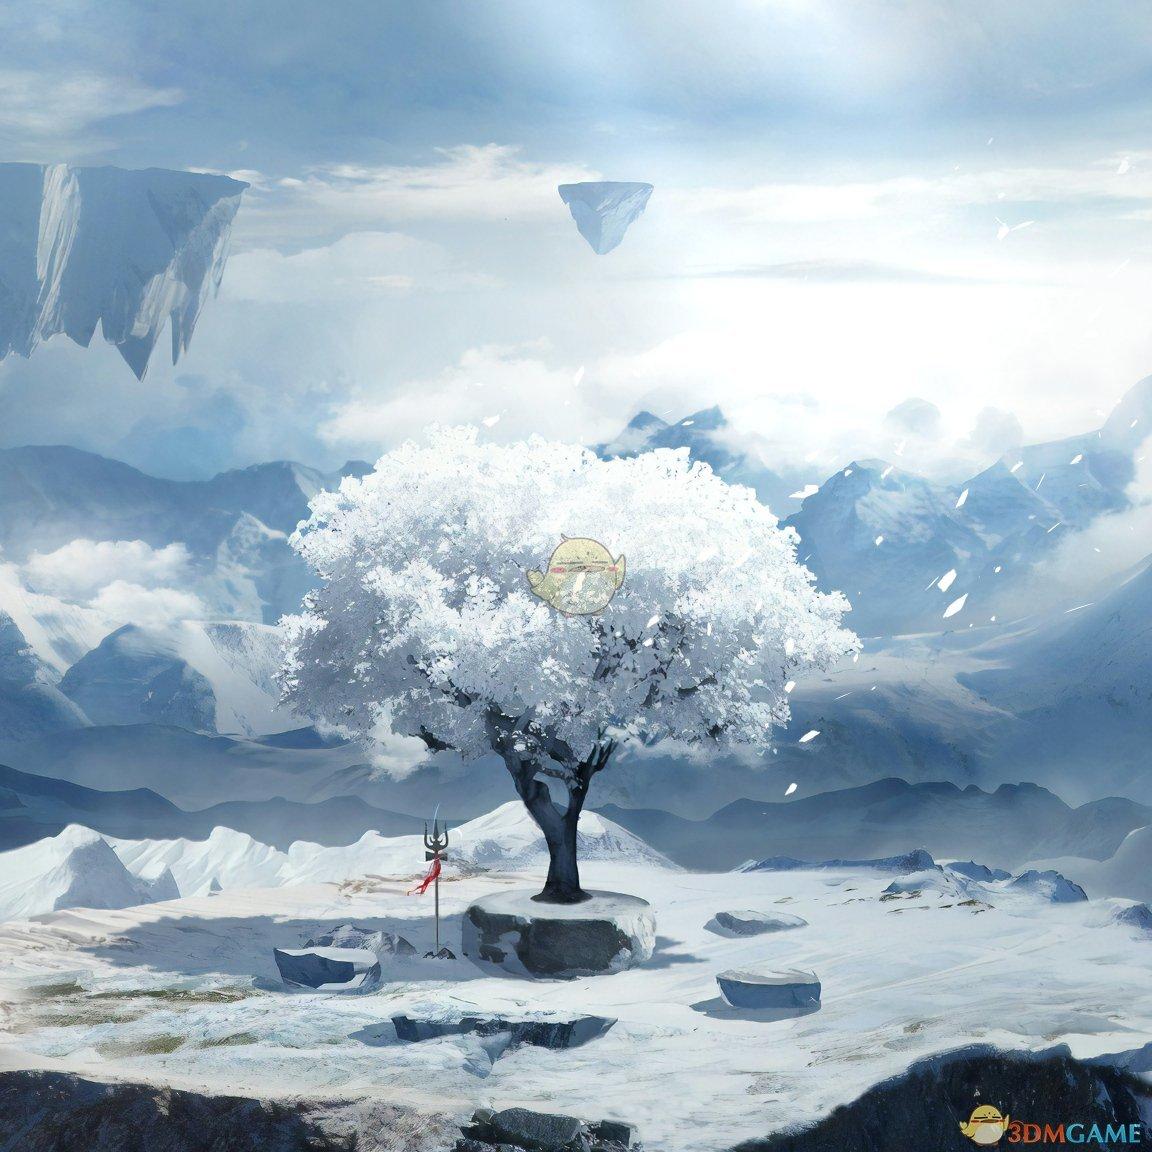 《Wallpaper Engine》孤独冬之树动态壁纸